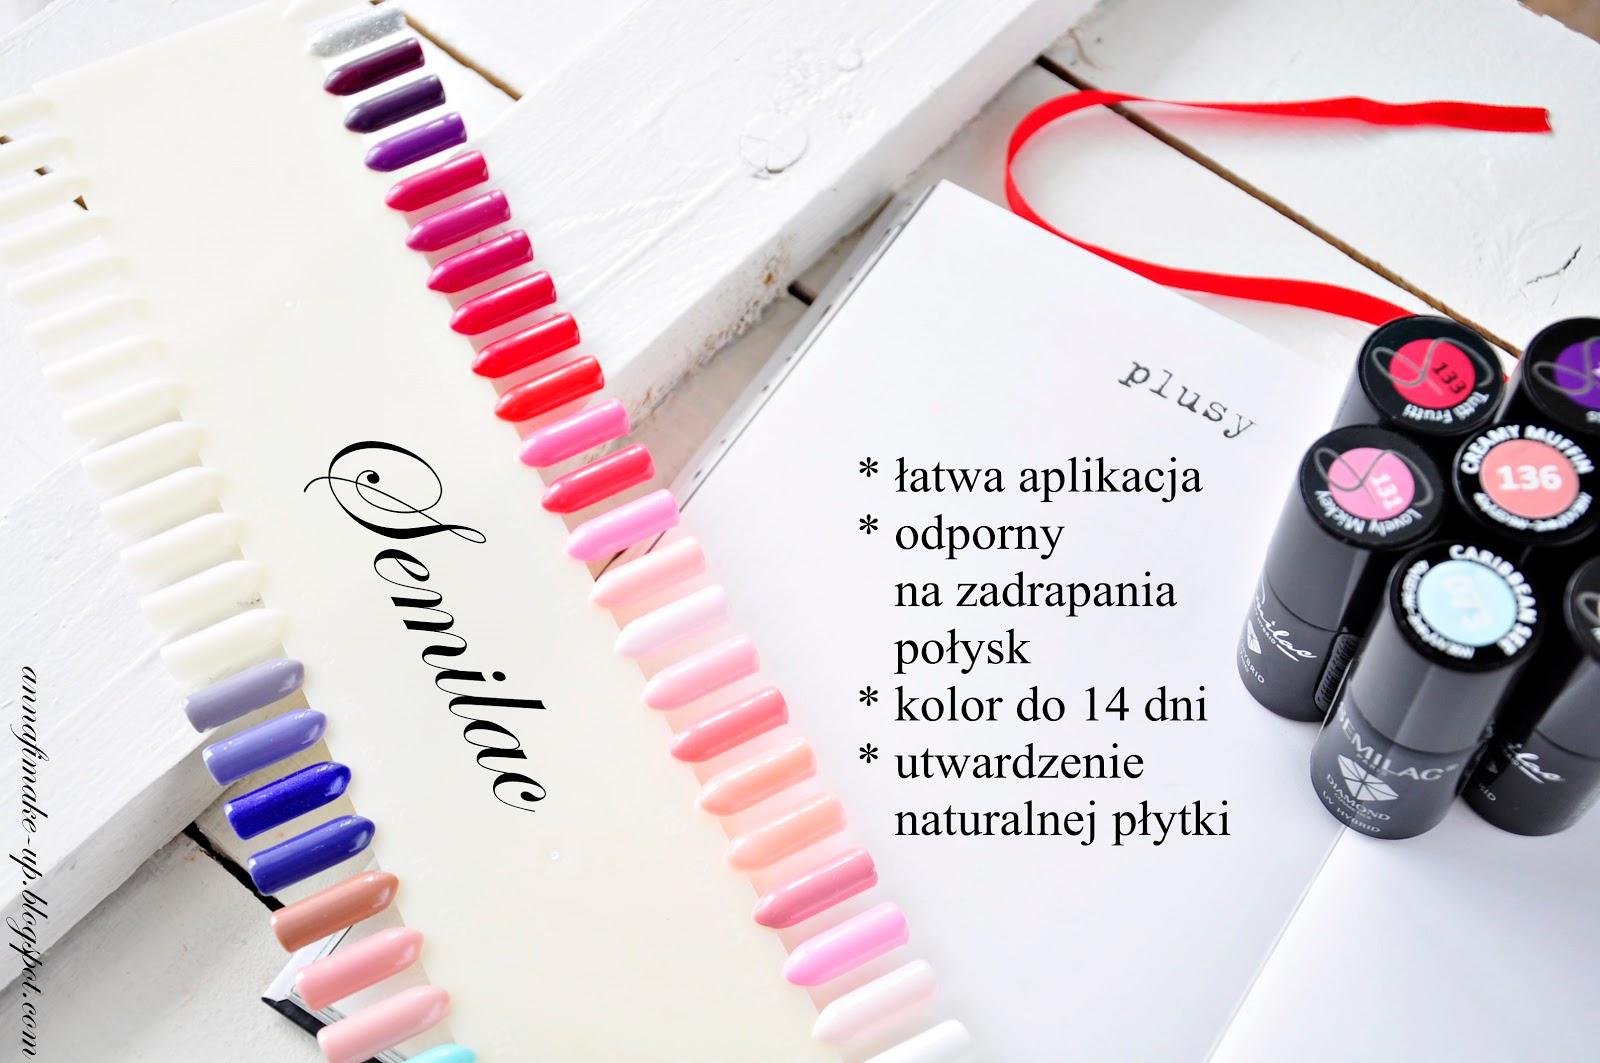 hybryda odporna na zadrapania, kolor do 14 dni, semilac, wzornik semilac,